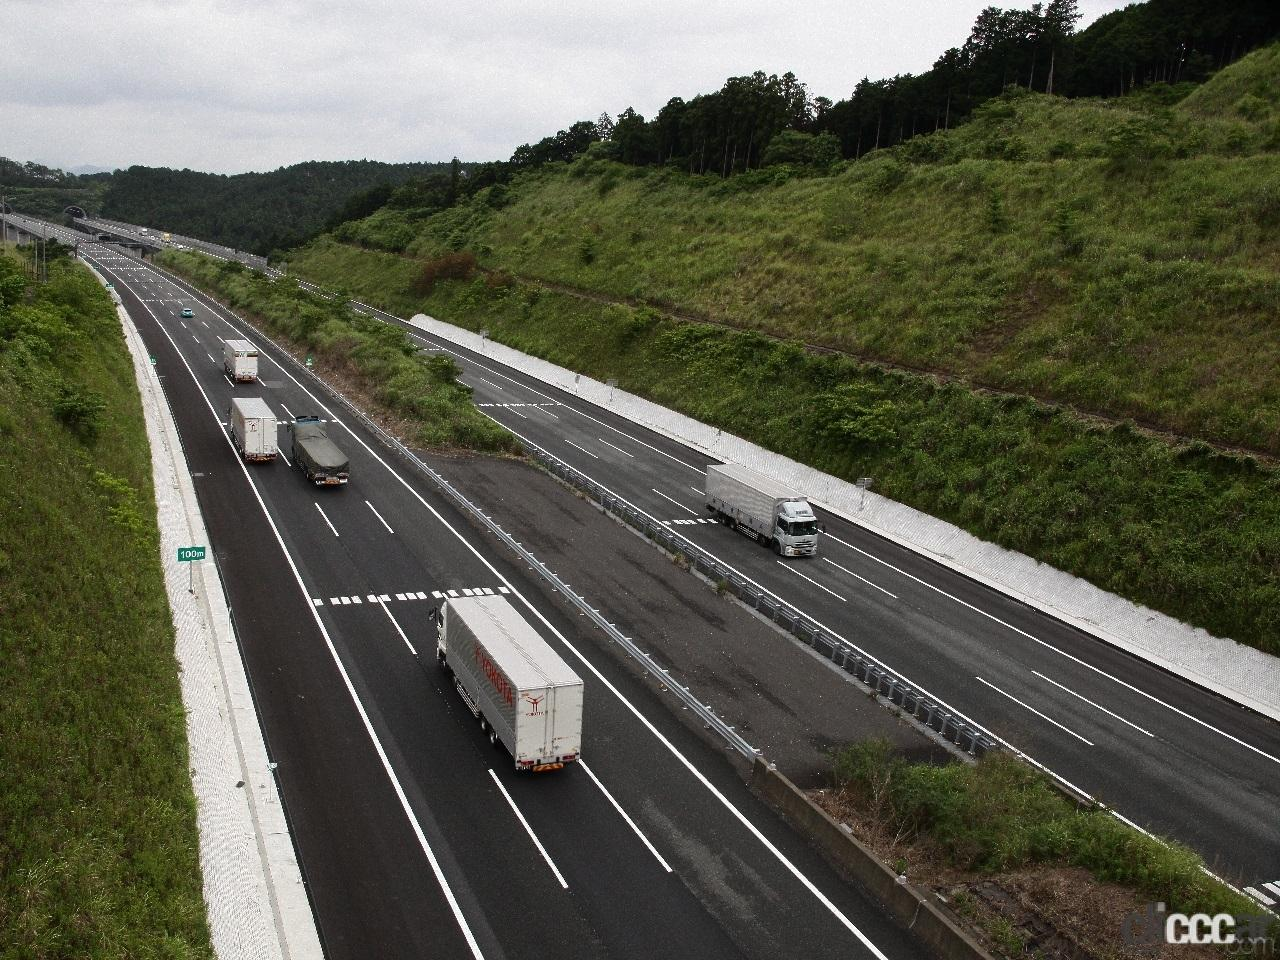 「日本の高速道路はたった4つ? 高速道路と自動車専用道路は違っていた!」の6枚目の画像